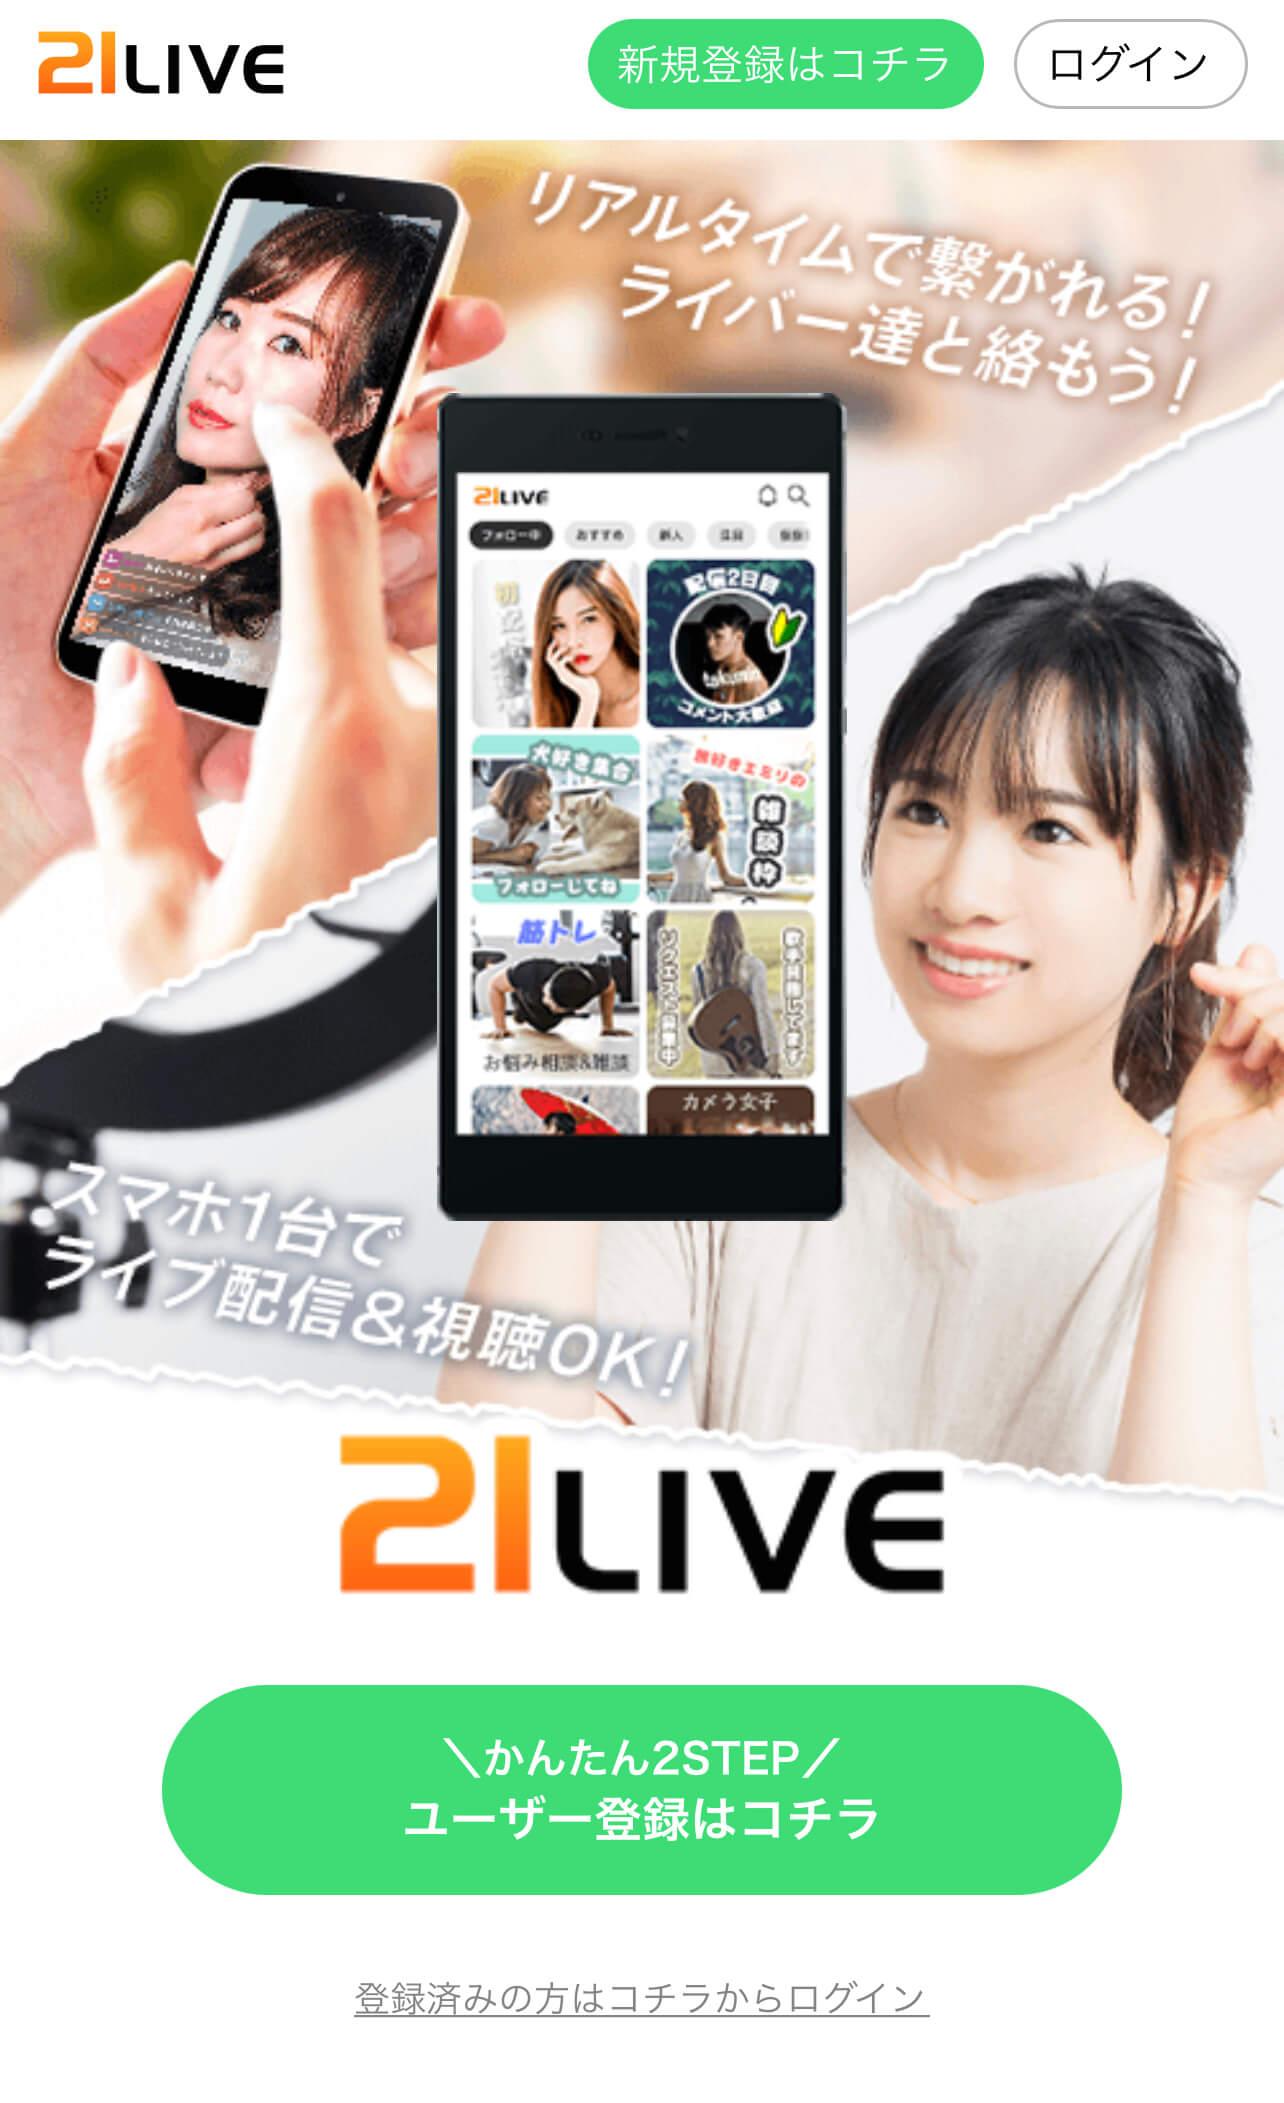 21LIVEホーム画像